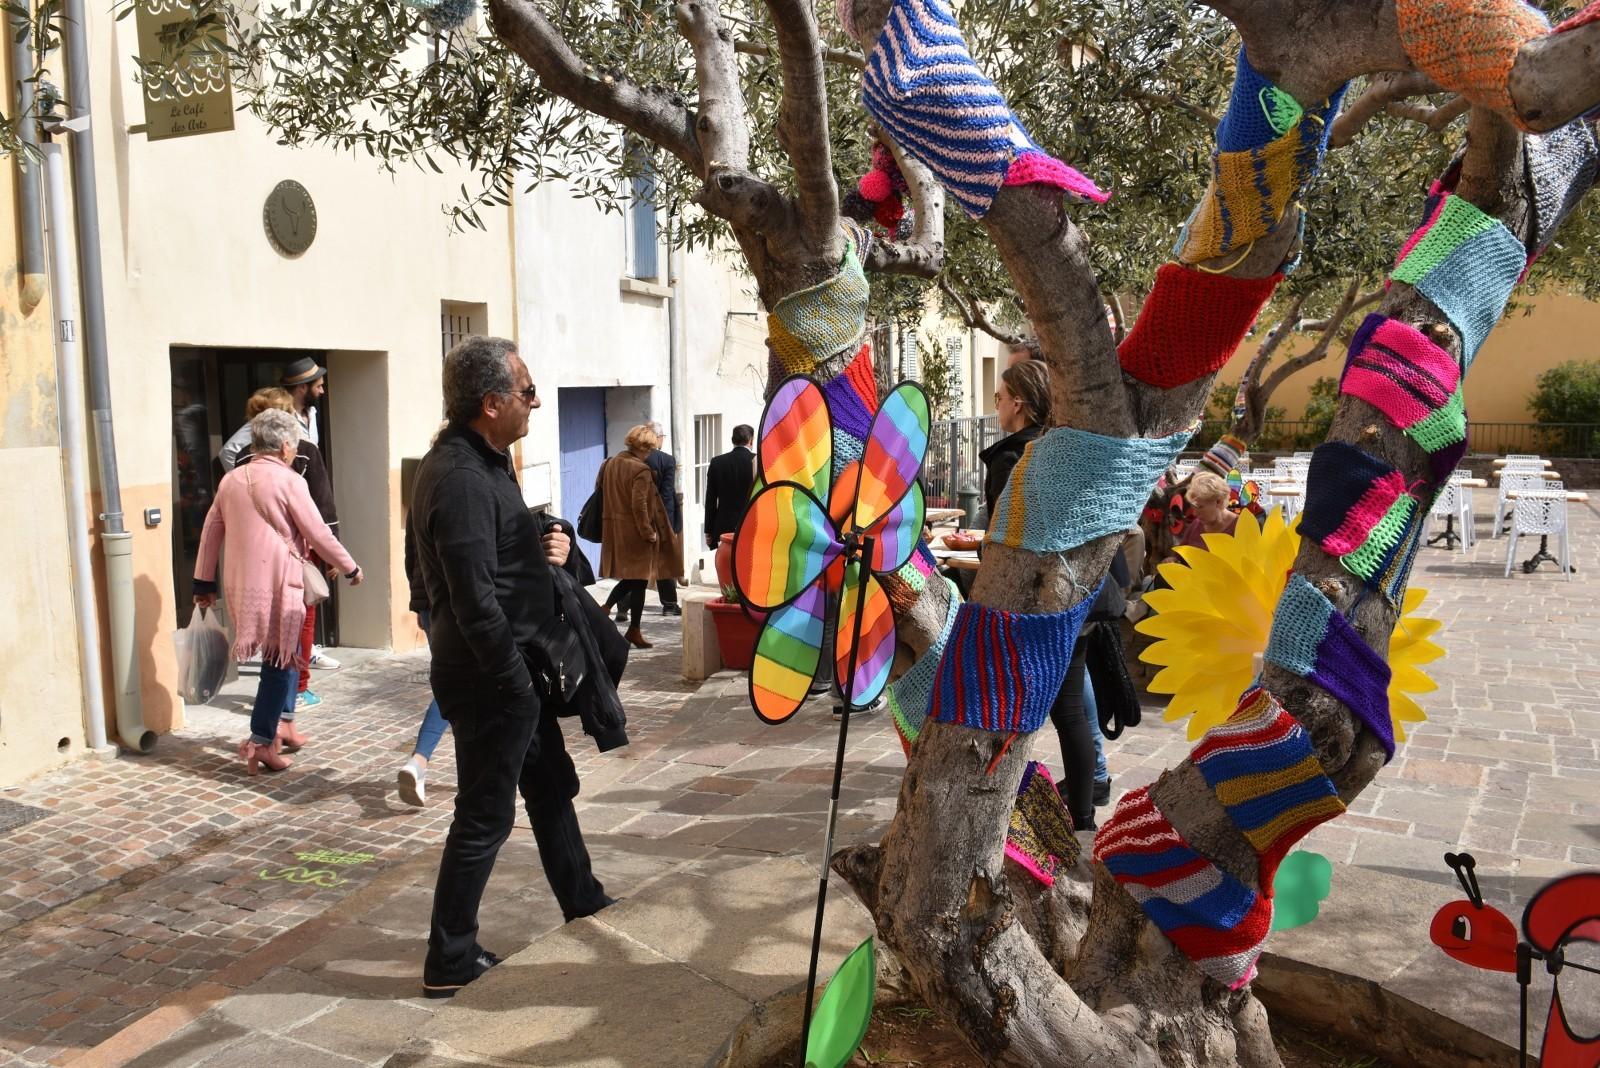 Parcours des arts en fête hyères centre